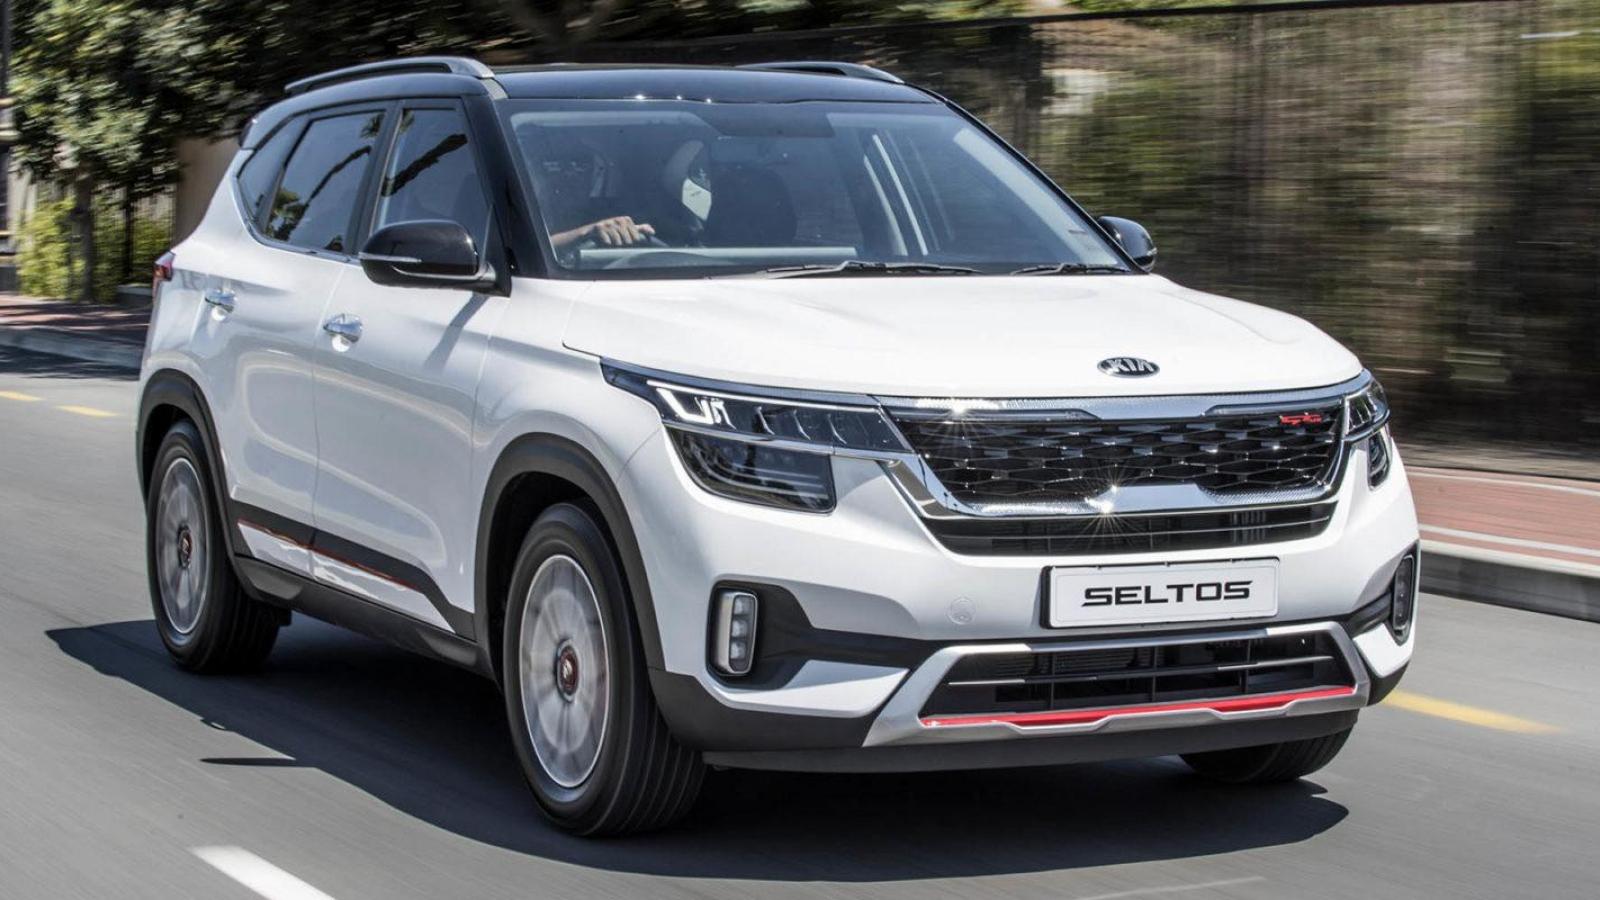 Phân khúc xe SUV đô thị tháng 8: Duy nhất Kia Seltos tăng trưởng doanh số